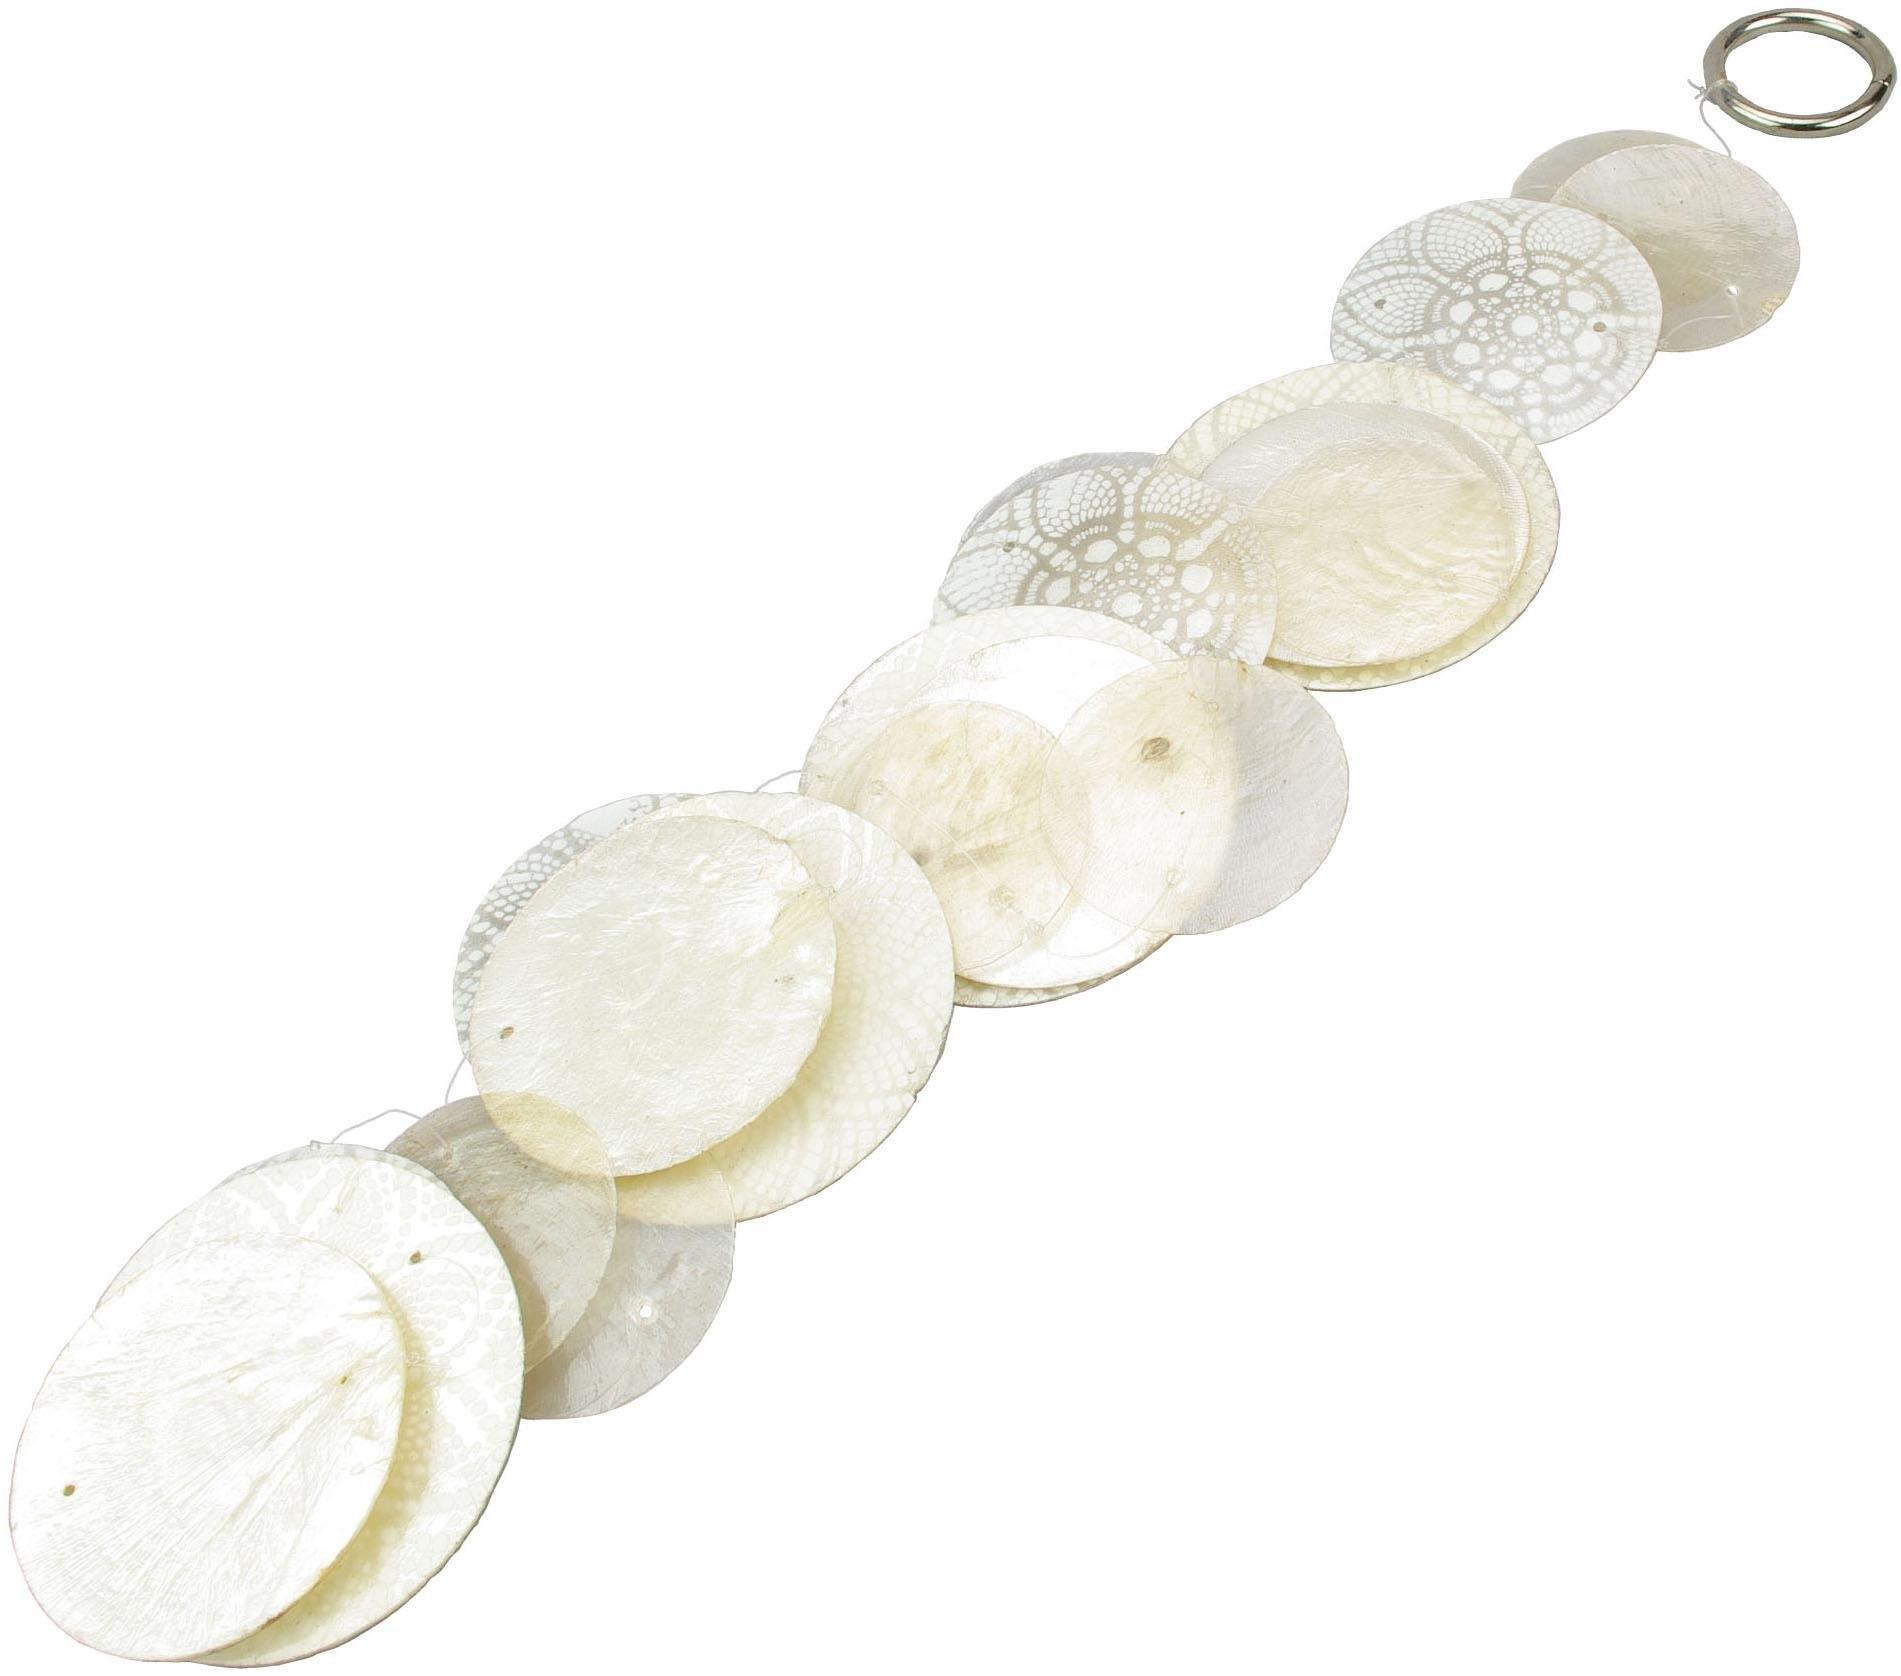 afbeeldingsbron sierketting liedeco asmara ter decoratie van gordijnen en vitrages per stuk